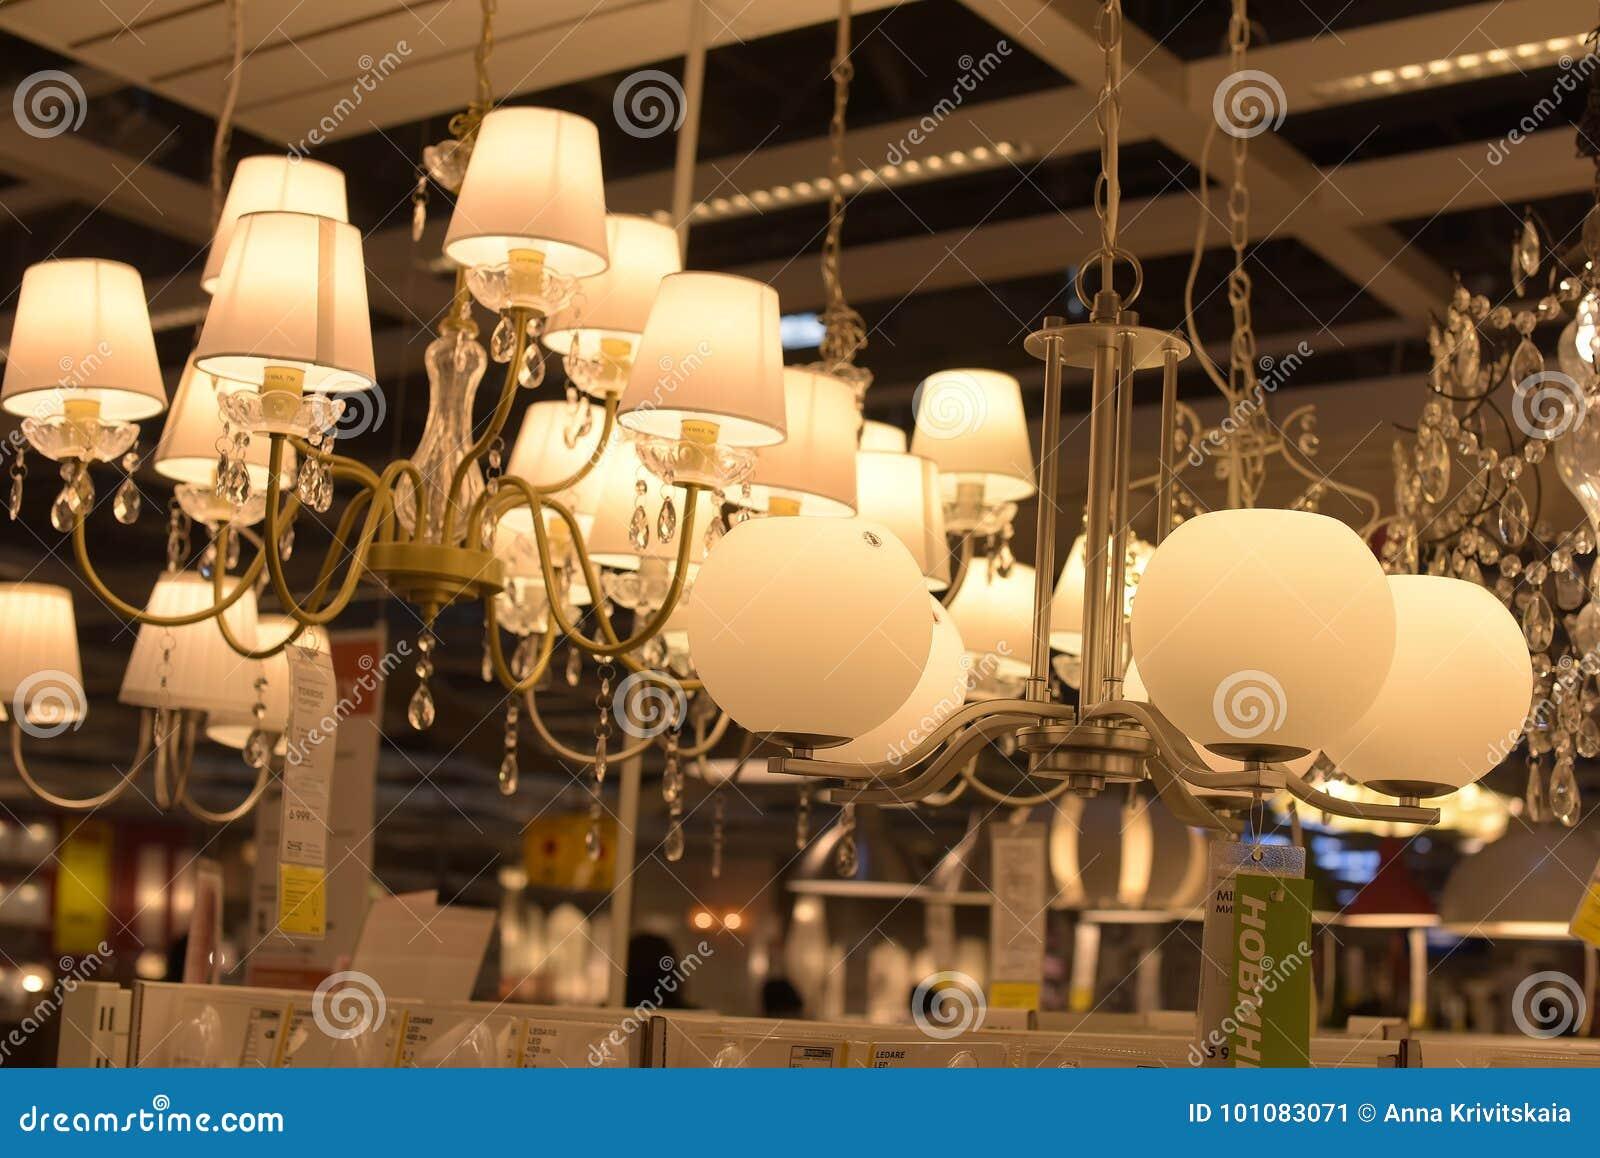 Russia saint petersburg 15032015 various lighting fixtures lamps and nightlights in the ikea store